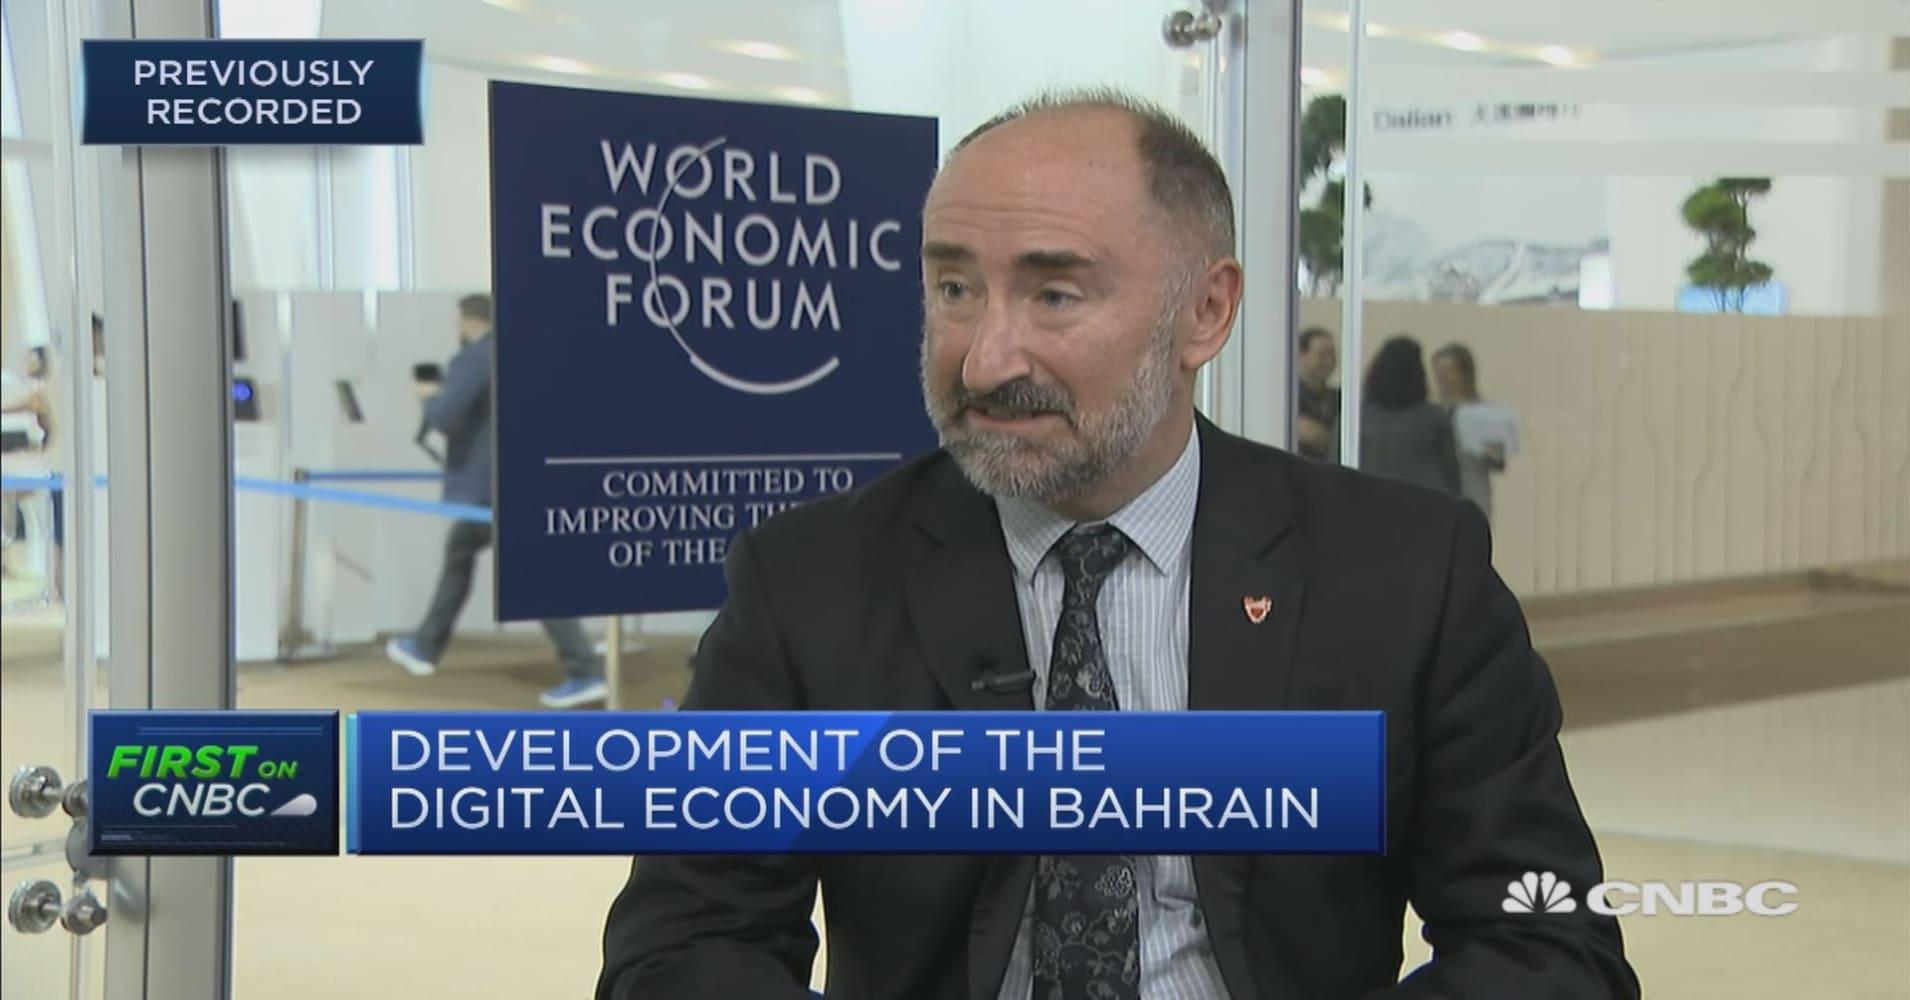 Bahrain is preparing itself for a digital future